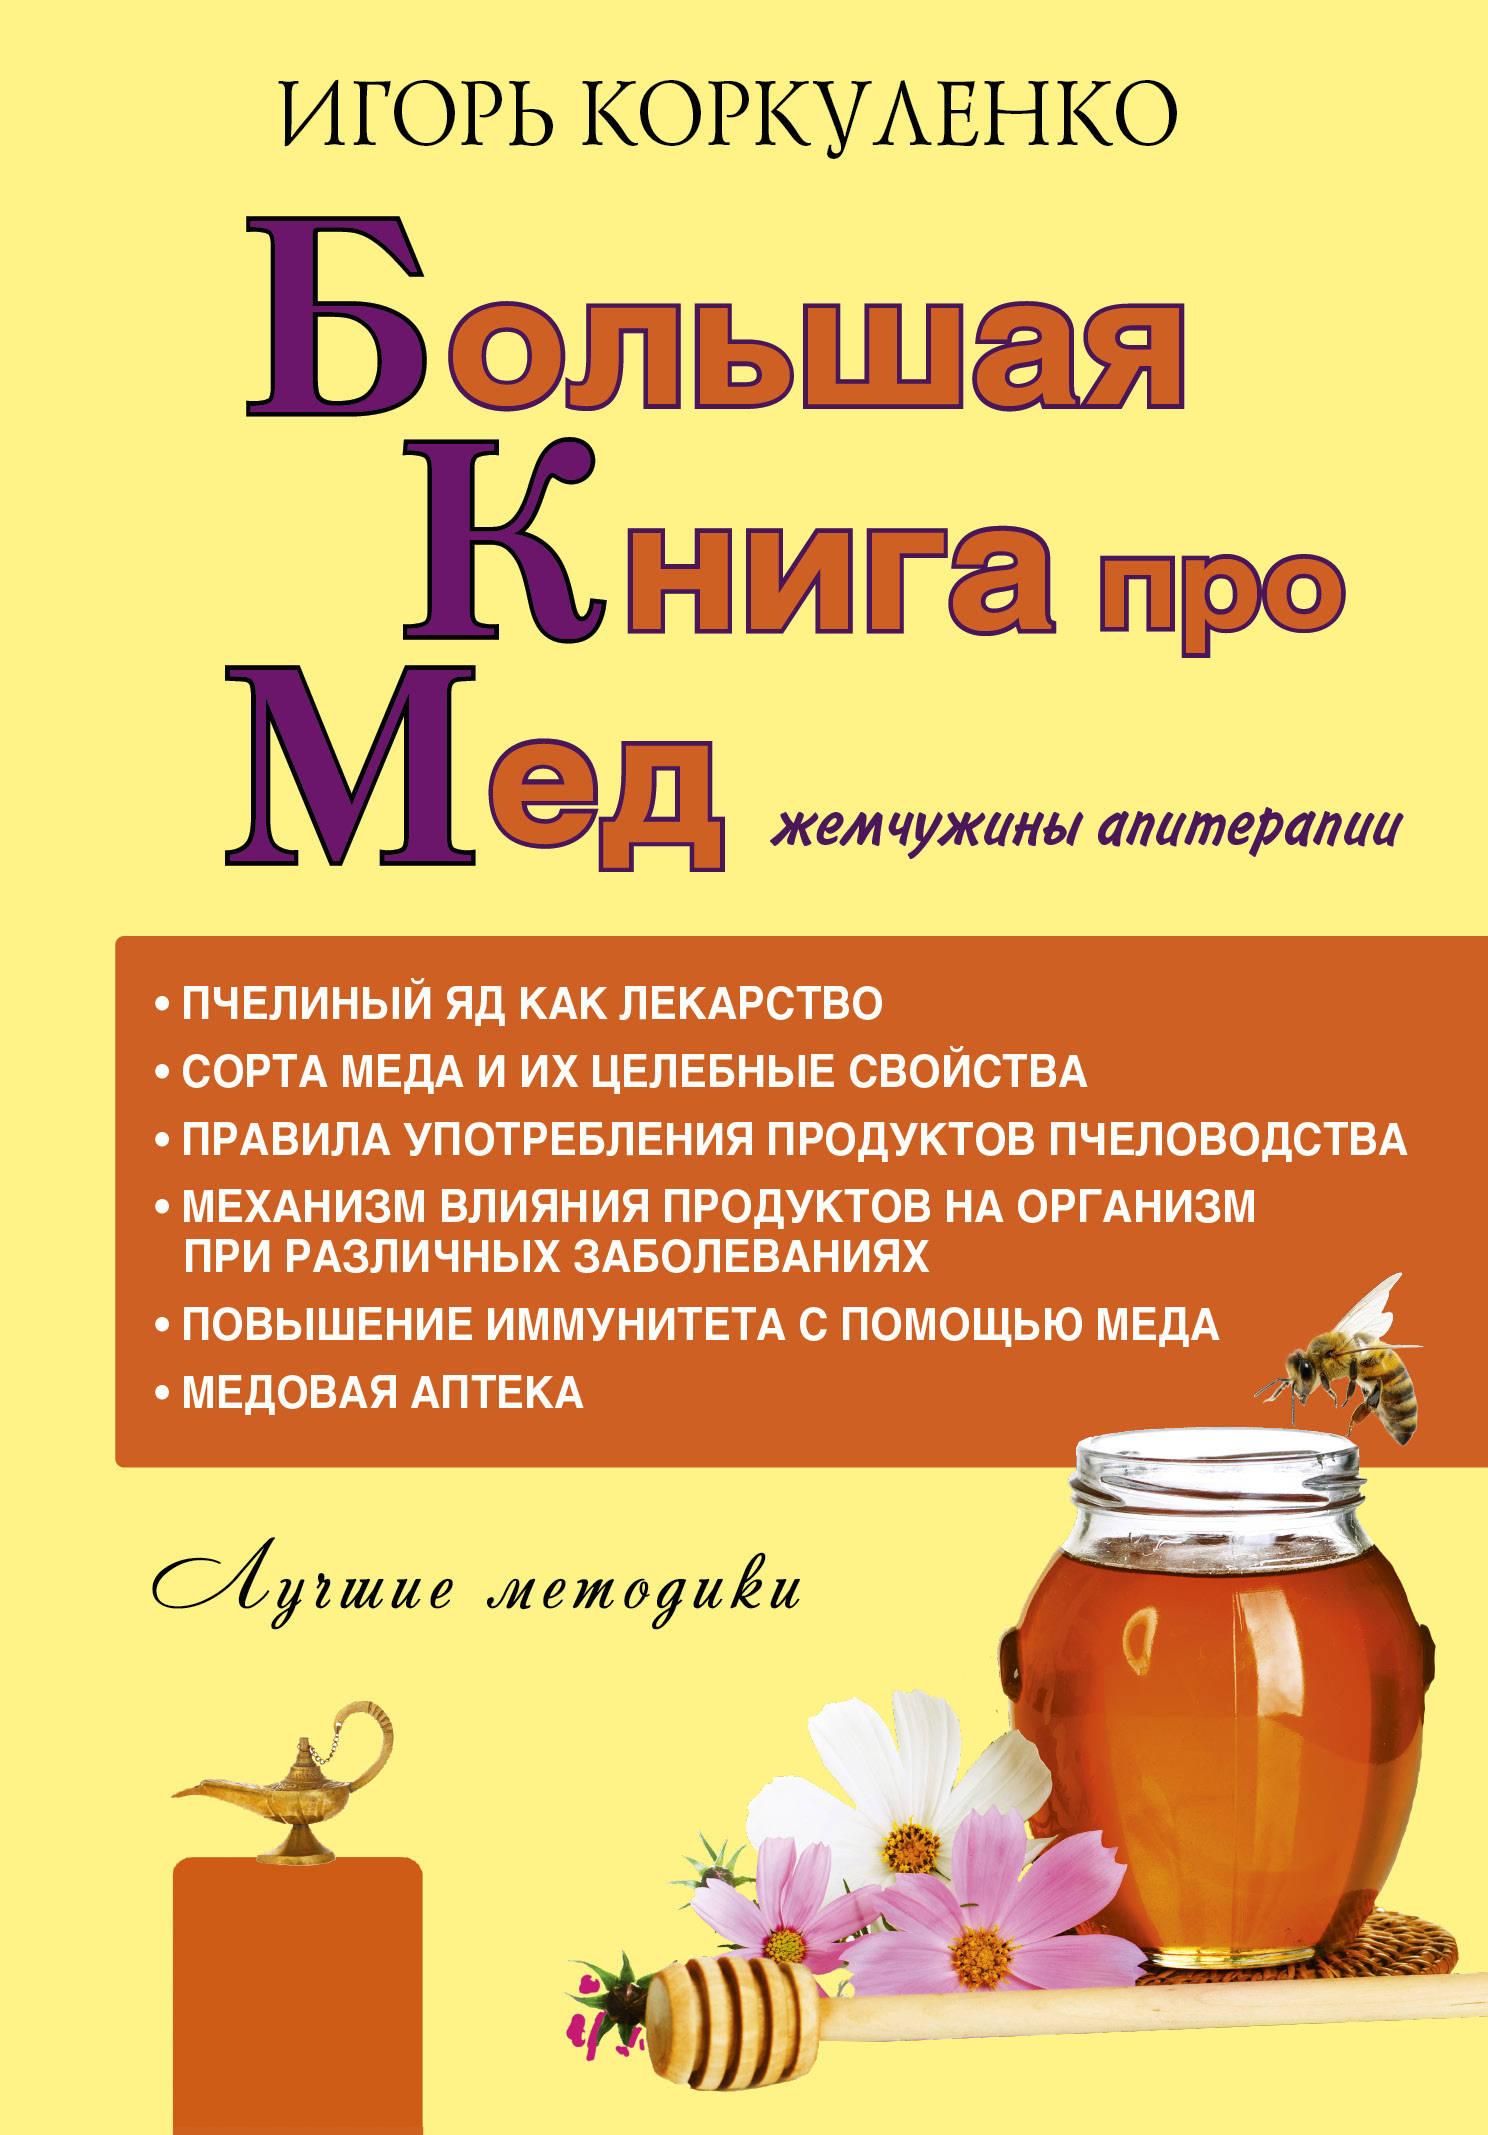 Игорь Коркуленко Большая книга про мед: жемчужины апитерапии как фермеру быстро продать мед